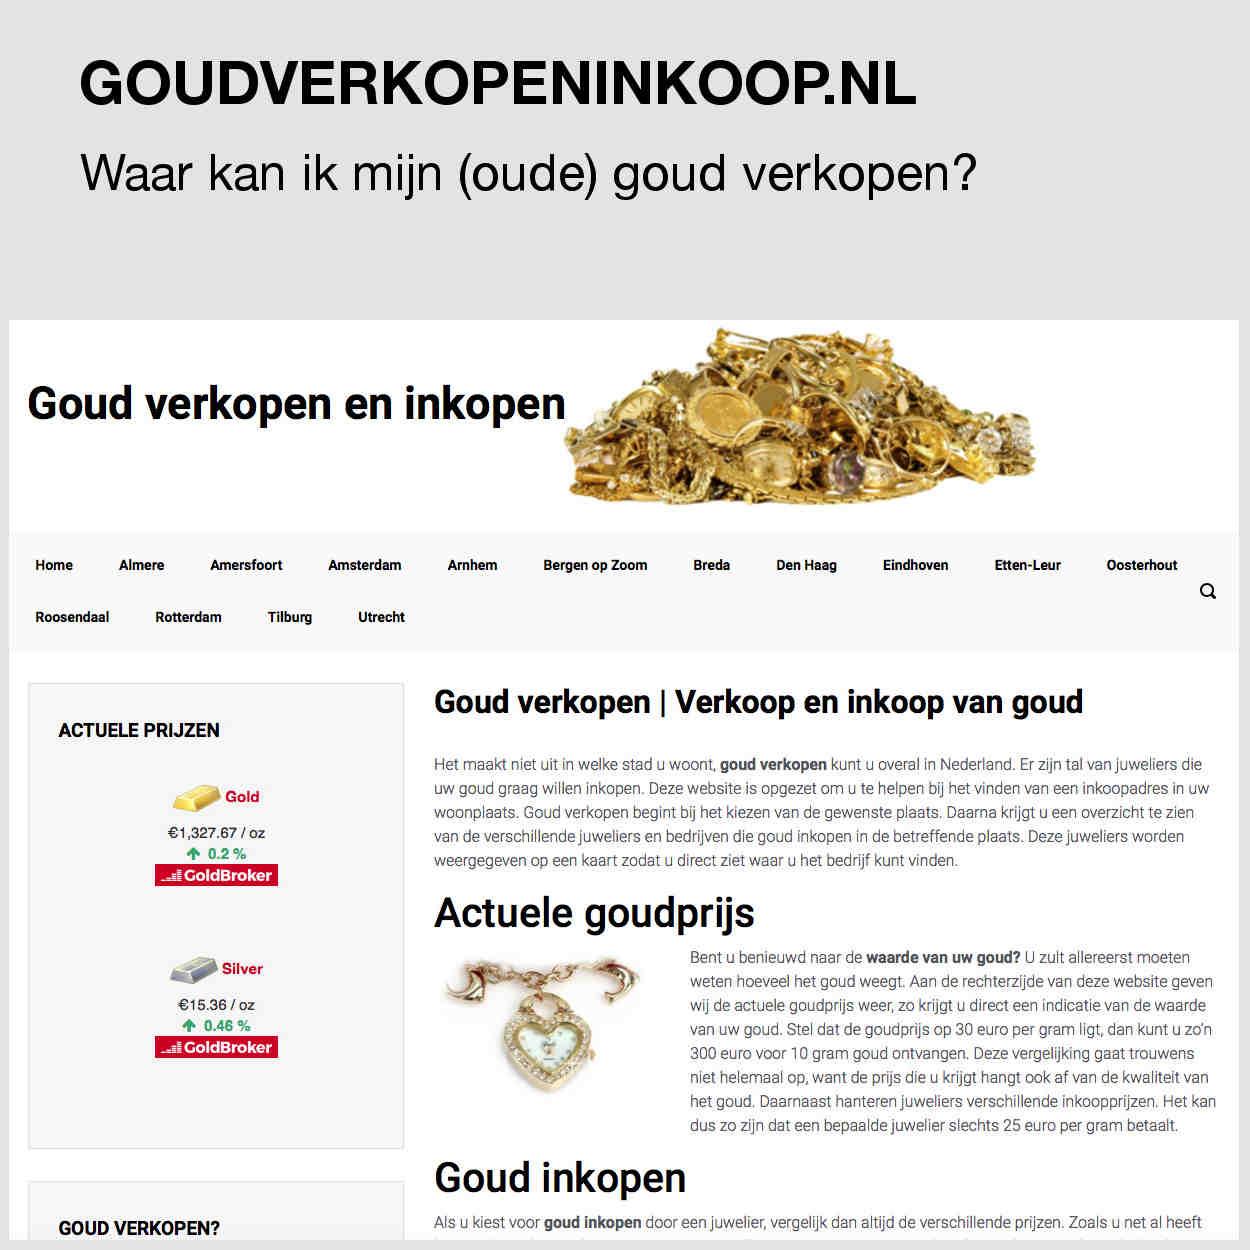 Goud verkopen en inkoop kun je het beste doen via goudverkopeninkoop.nl